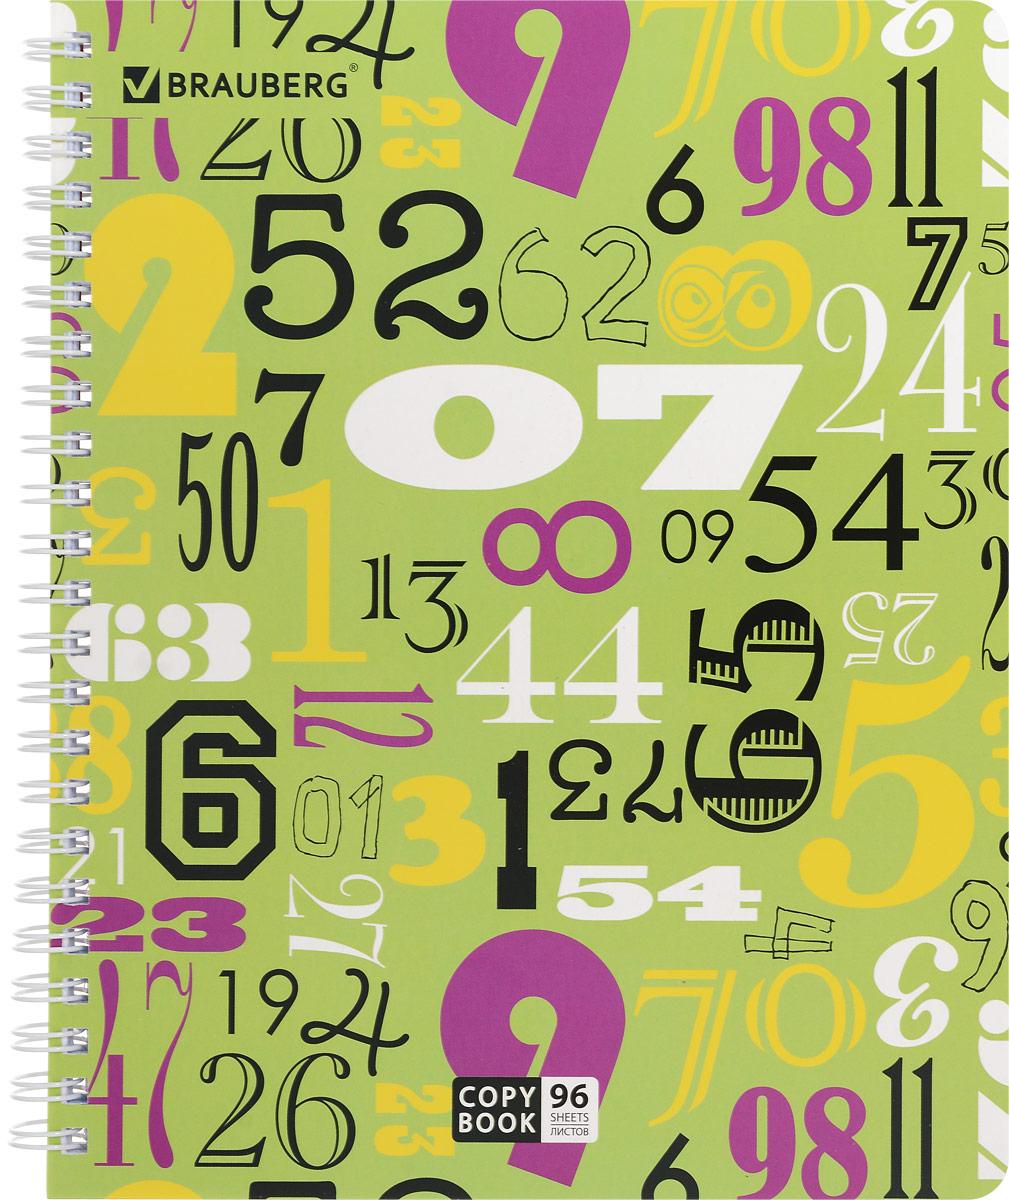 Brauberg Тетрадь Numeric 96 листов в клетку401852Двойная тетрадь Brauberg Numeric с четырьмя обложками подойдет как школьнику, так и студенту. Обложка тетради с закругленными углами выполнена из плотного картона, что позволит сохранить ее в аккуратном состоянии на протяжении всего времени использования.Внутренний блок тетради, соединенный металлическим гребнем, состоит из 96 листов белой бумаги. Стандартная линовка в клетку без полей.